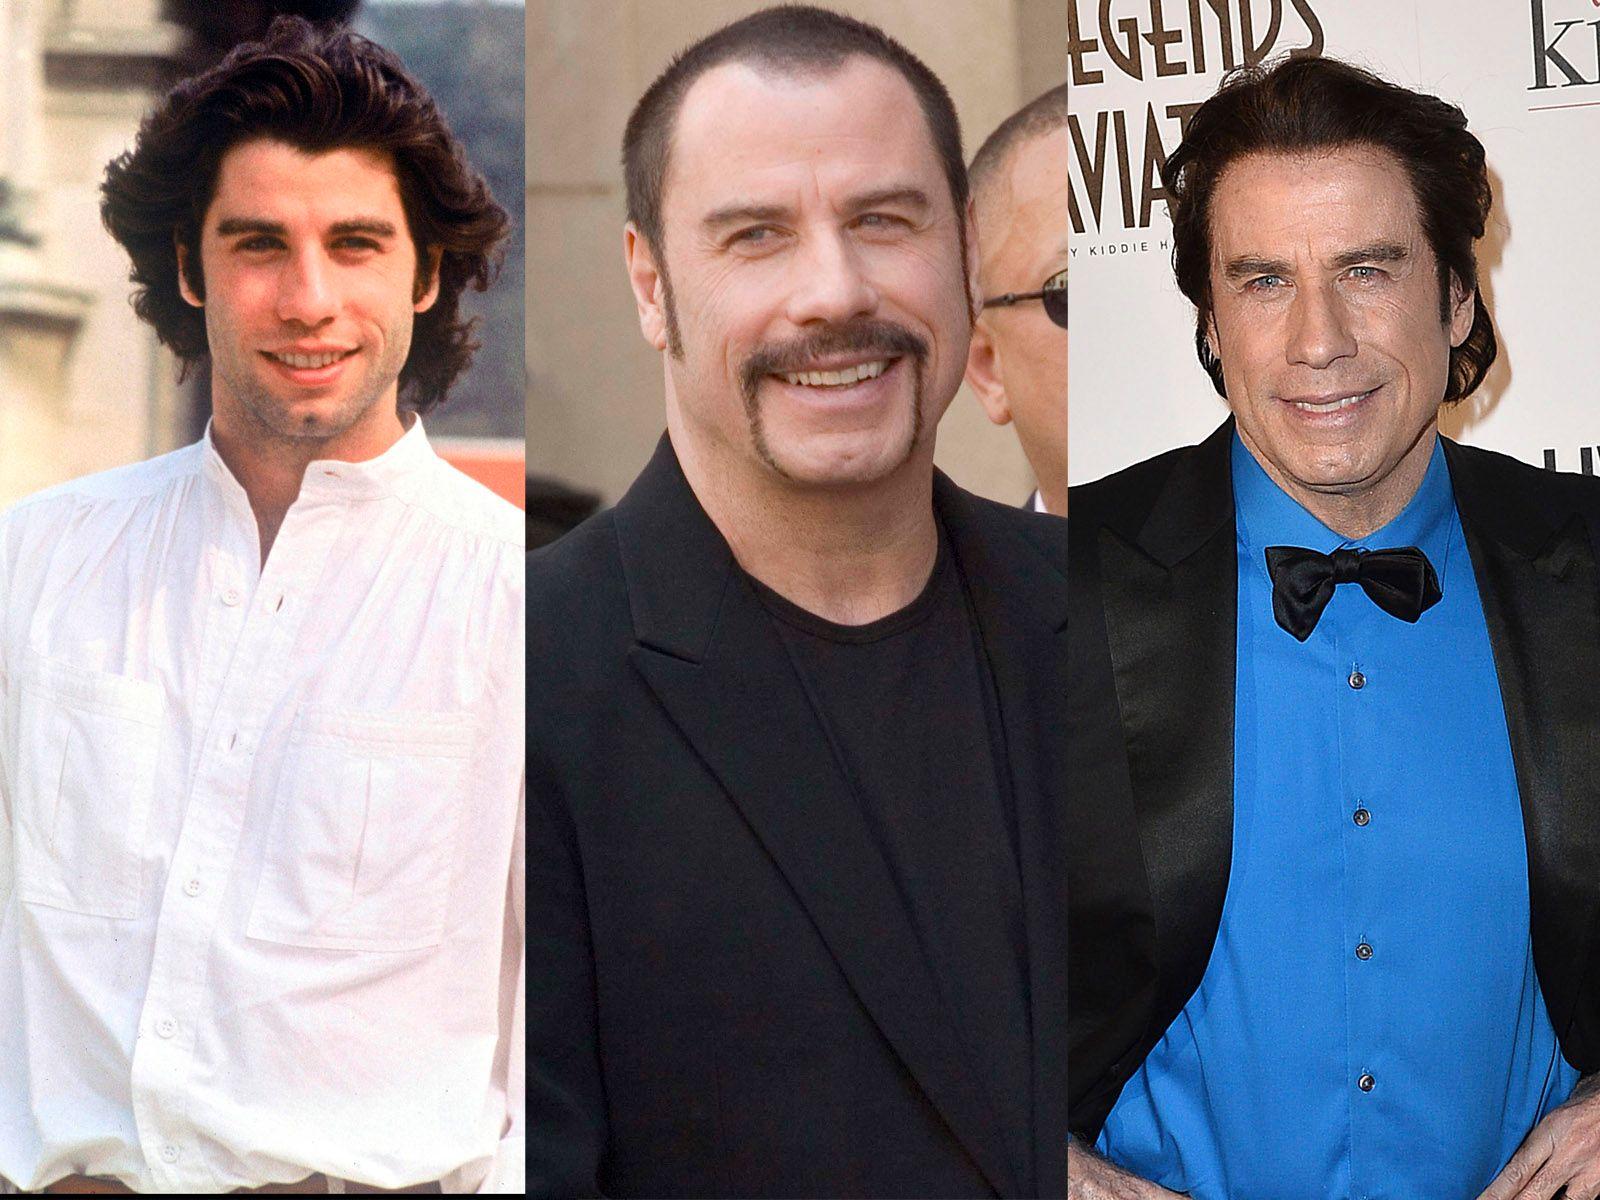 John-Travolta-a-enormement-change-depuis-ses-debuts-la-preuve-en-images